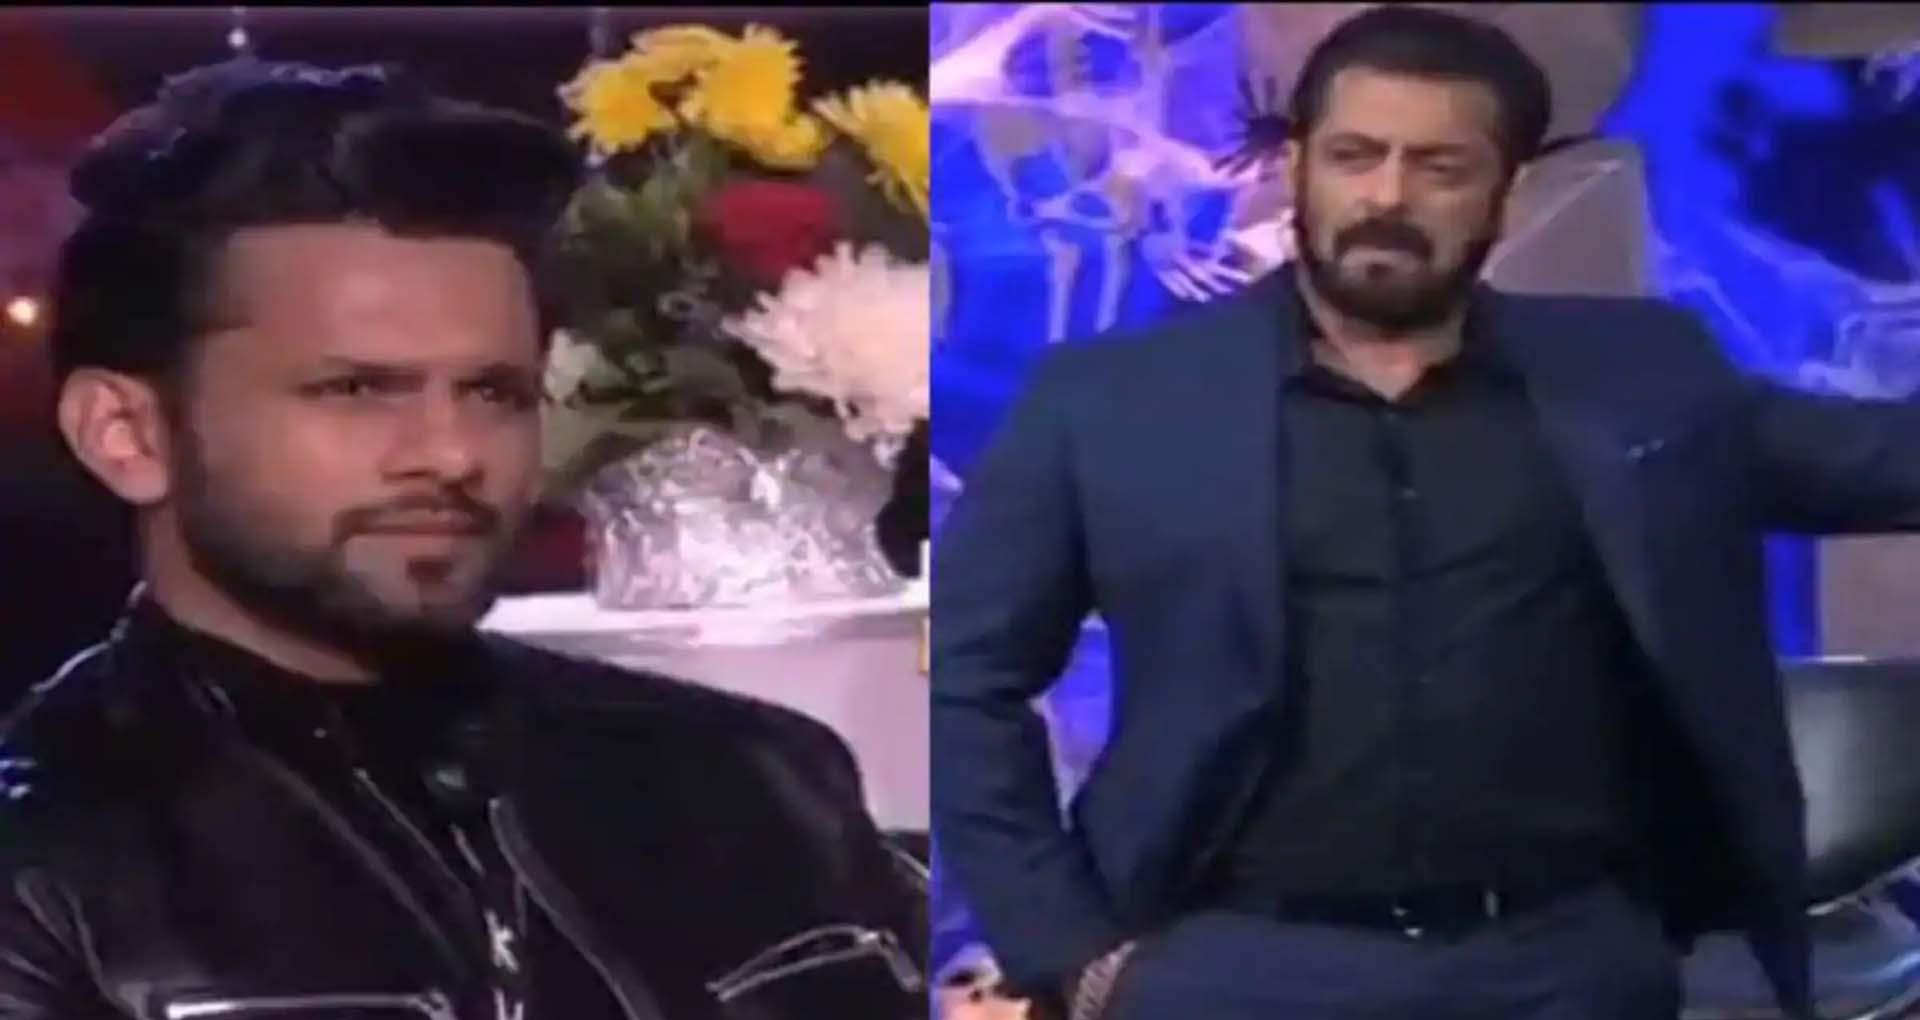 Bigg Boss 14: एंट्री से पहले राहुल वैद्य का हुआ सलमान खान के तीखे सवालों से सामना!